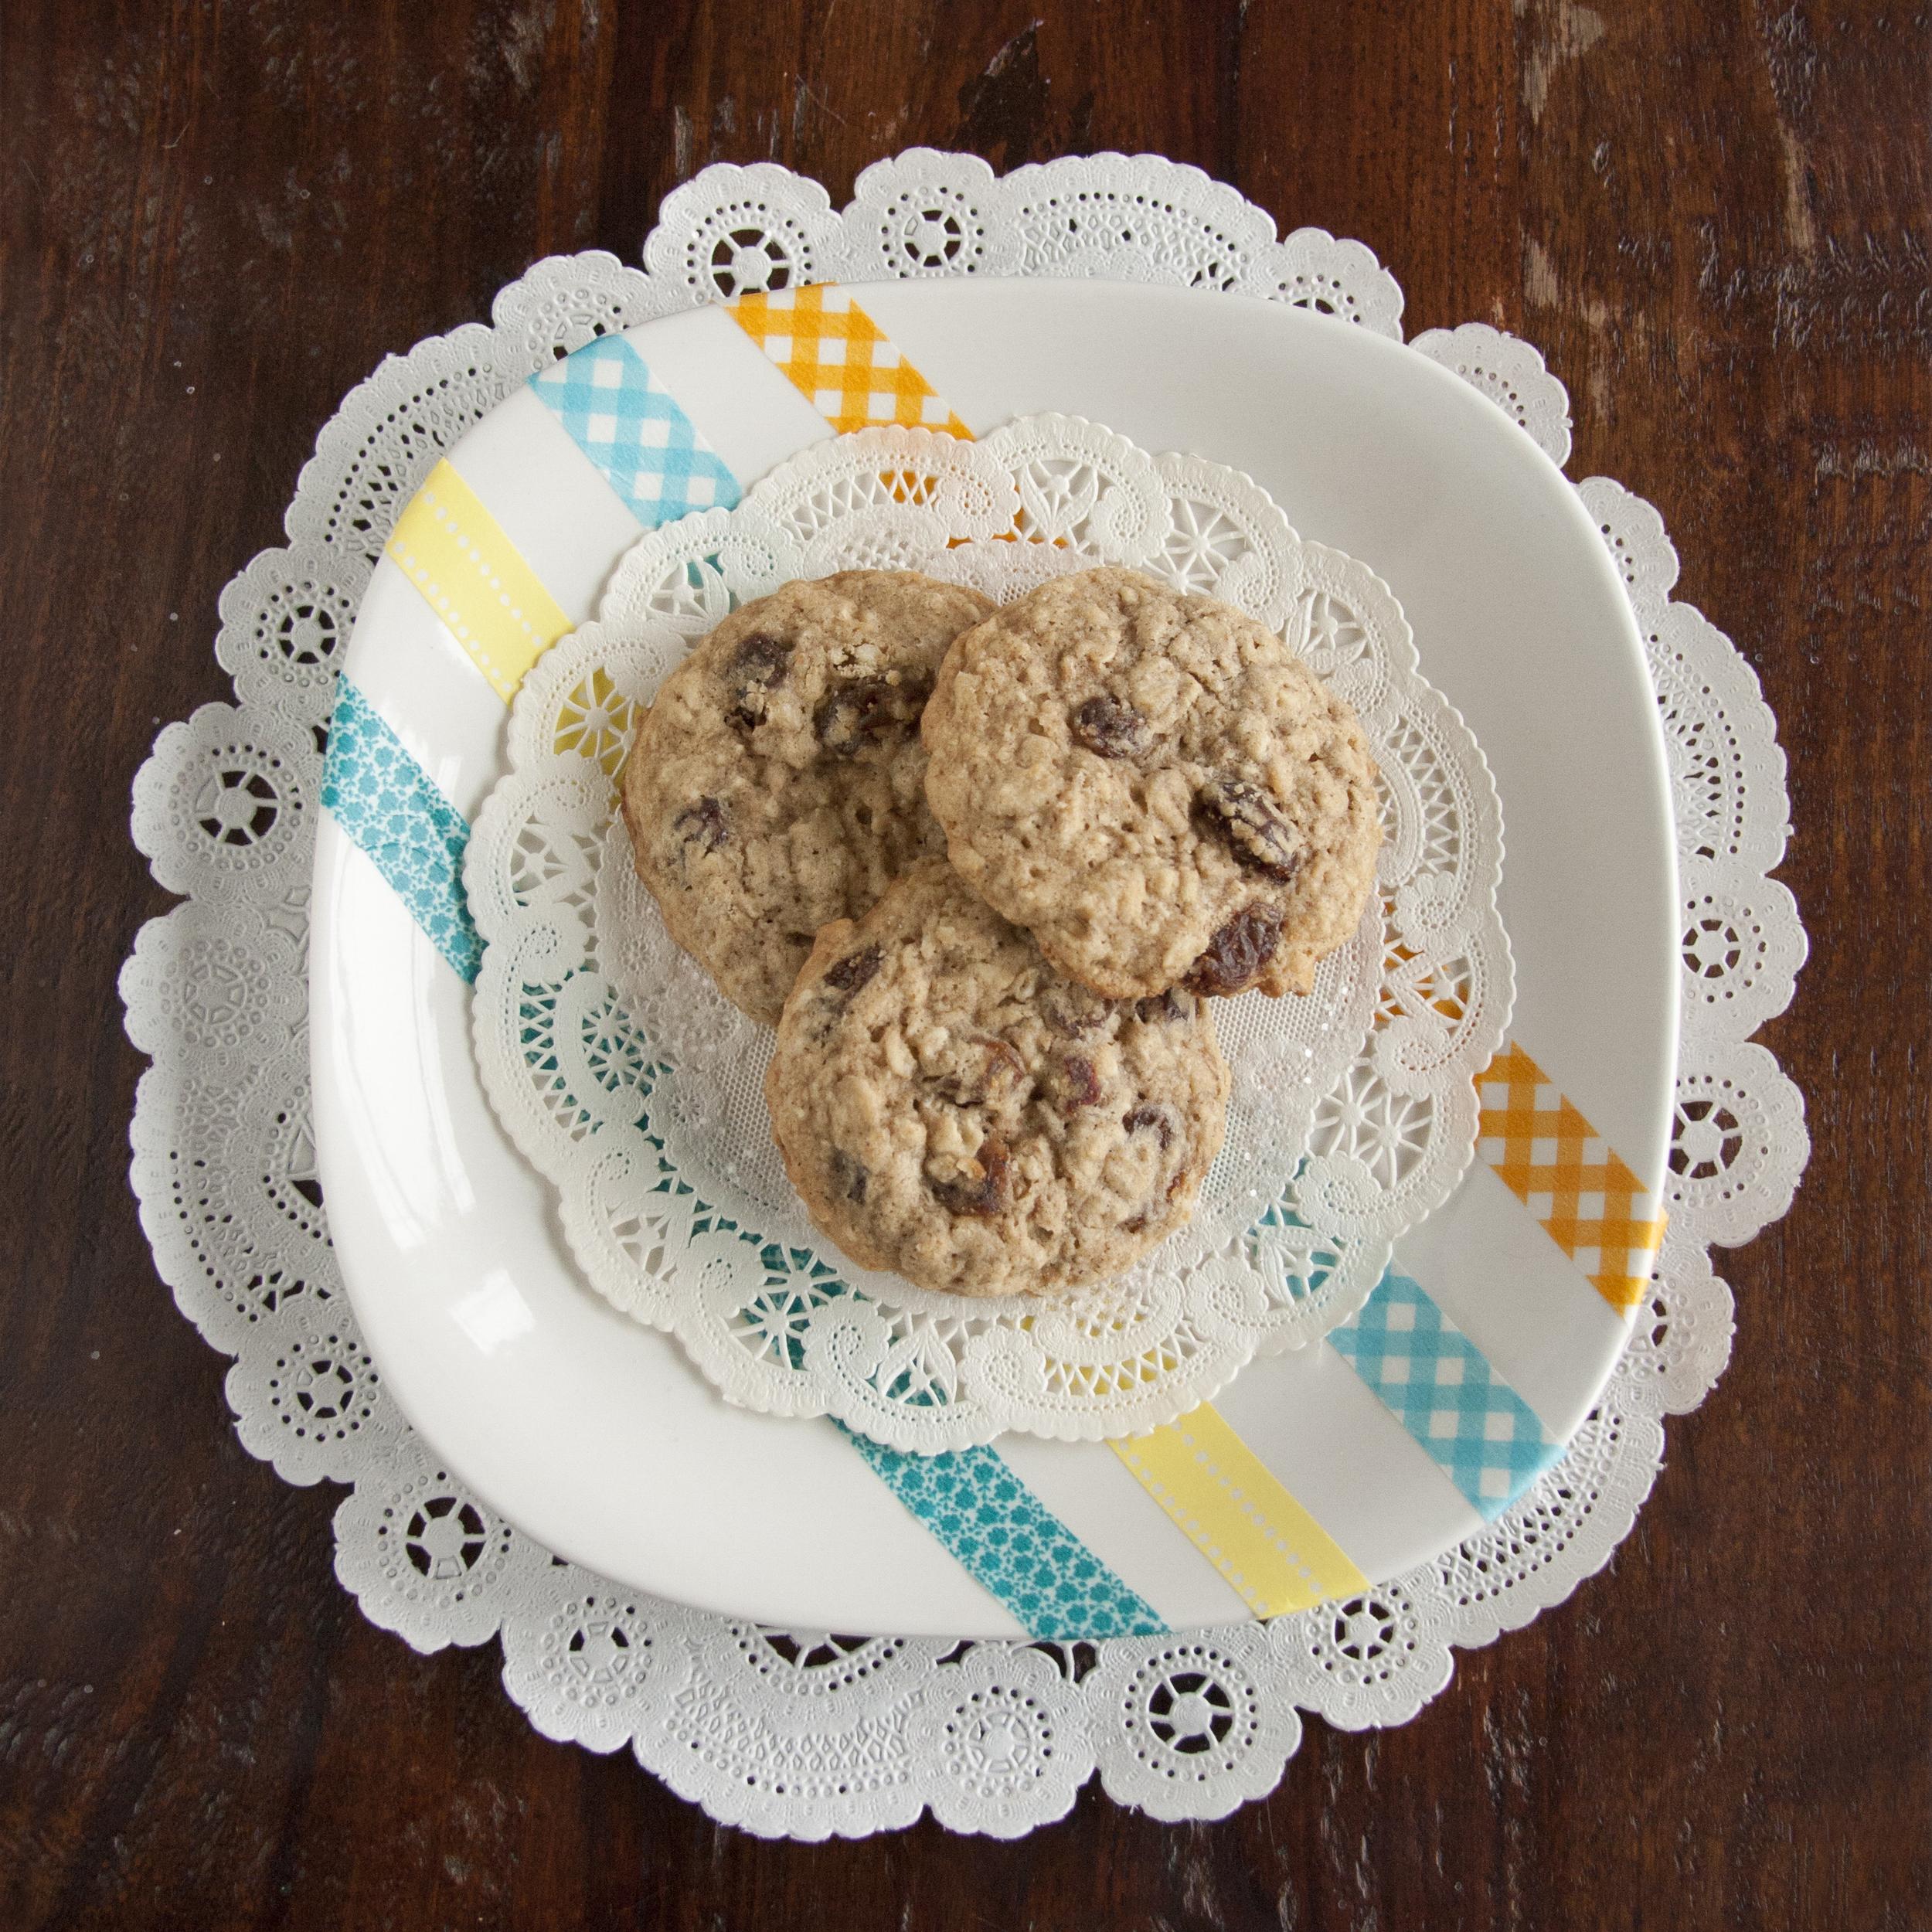 BAC for Kim Spiced Oatmeal Raisin 3.jpg